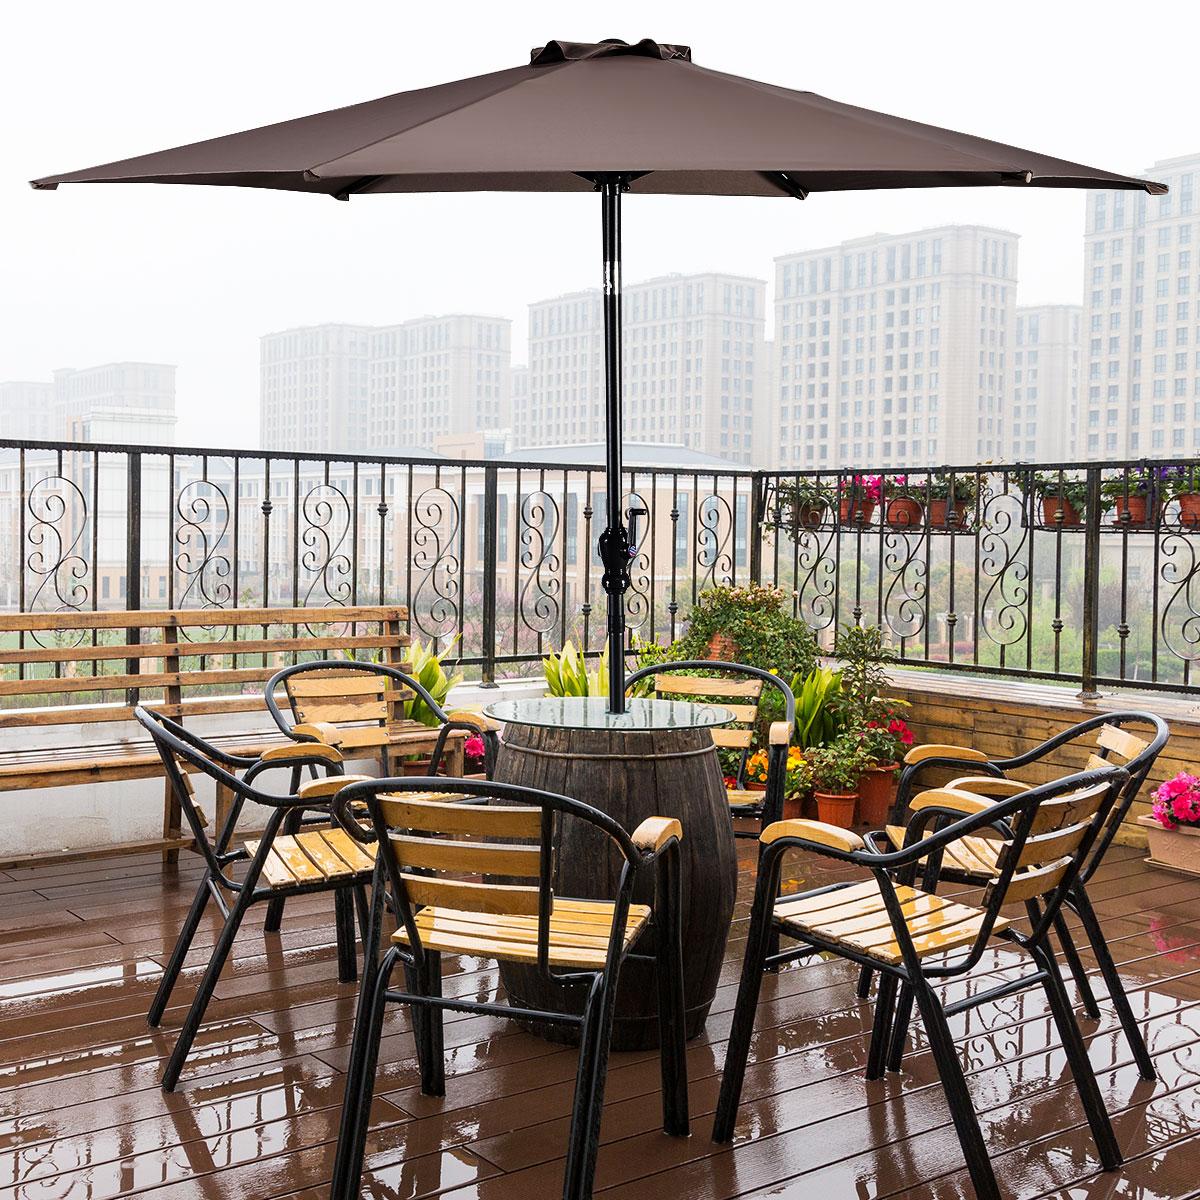 Goplus 10ft Patio Umbrella 6 Ribs Market Steel Tilt W Crank Outdoor